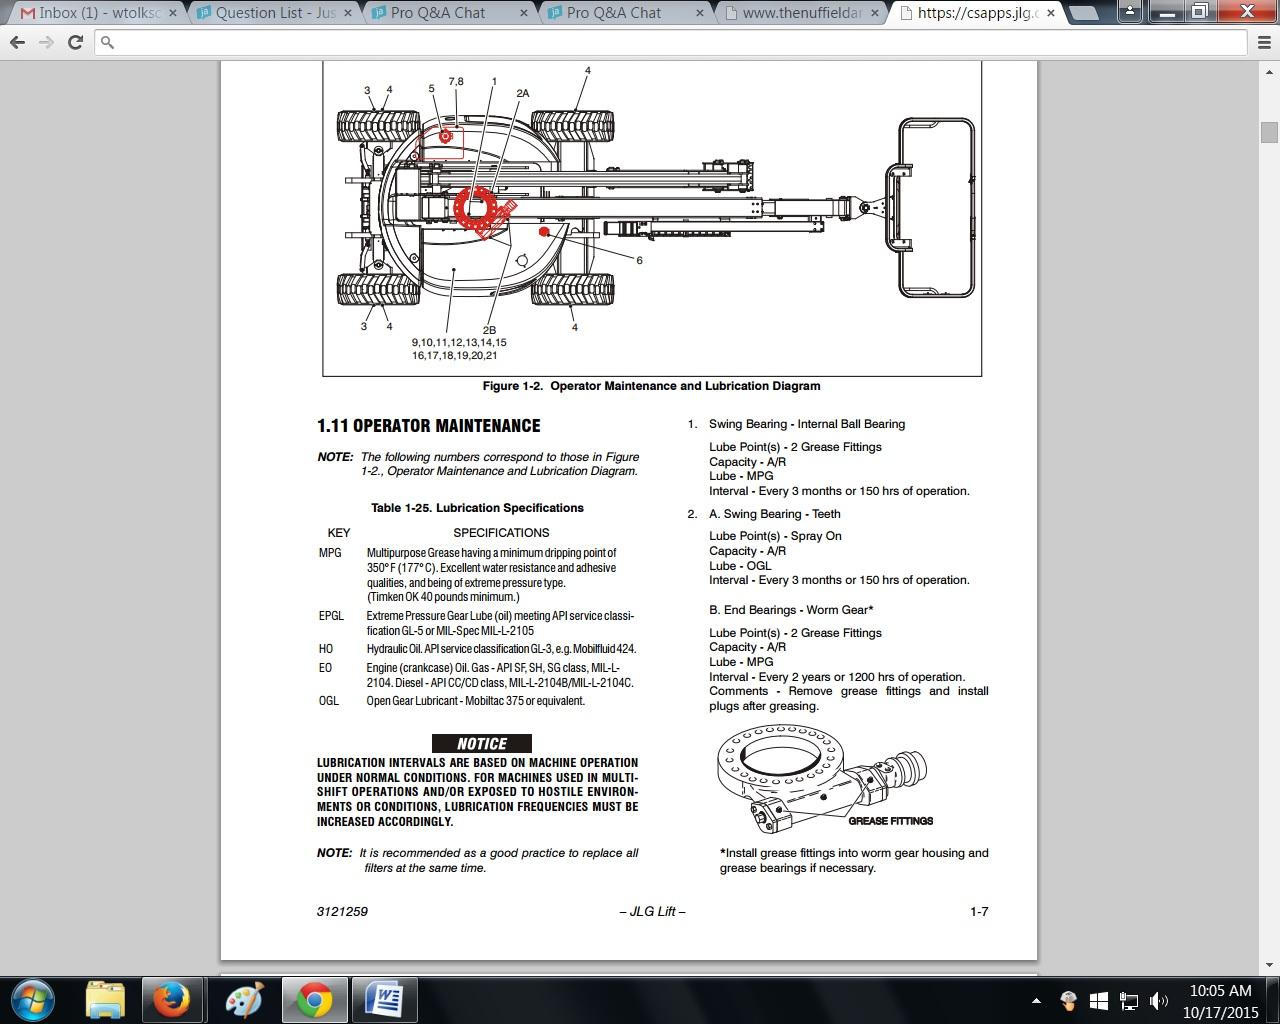 952966eb-201c-4fda-aef0-ac1b6b0f043a_JLB grease fittings.jpg